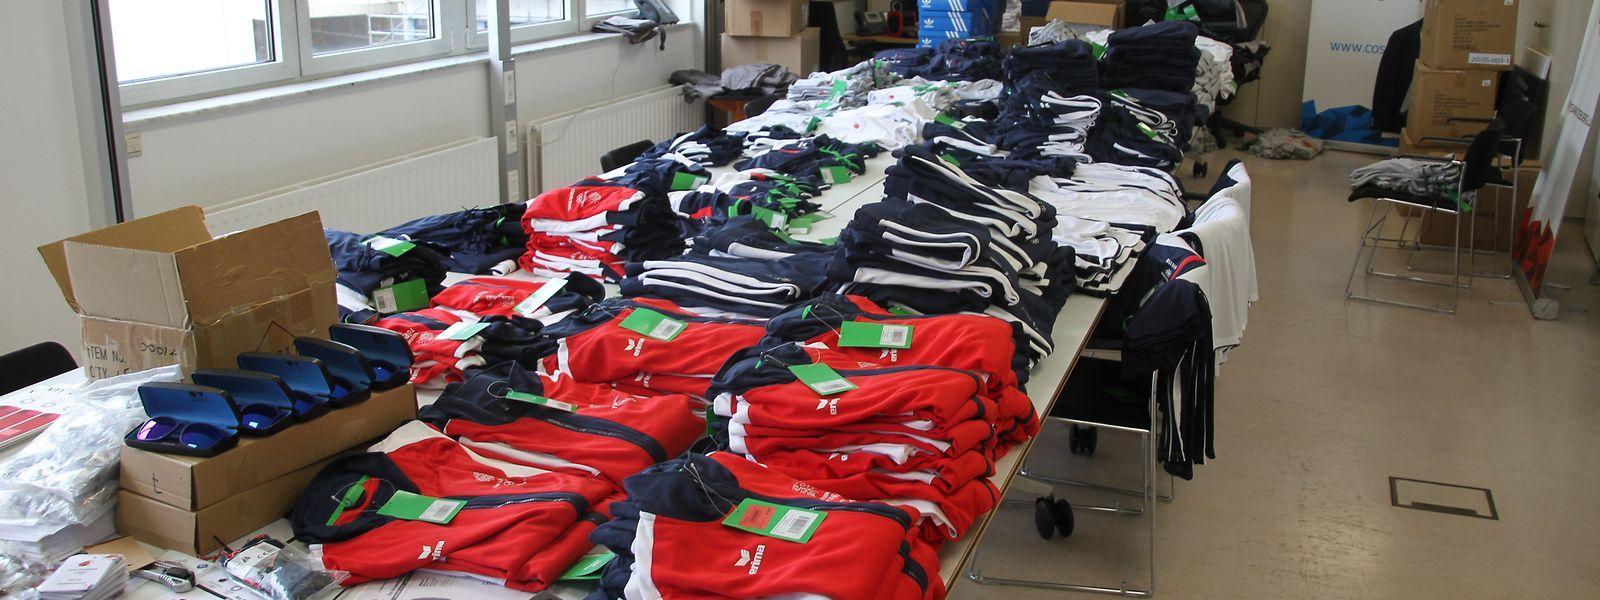 Kleidung, Pins, Sonnenbrillen und vieles mehr wird das Nationale Olympische Komitee an die Sportler und Funktionäre verteilen.